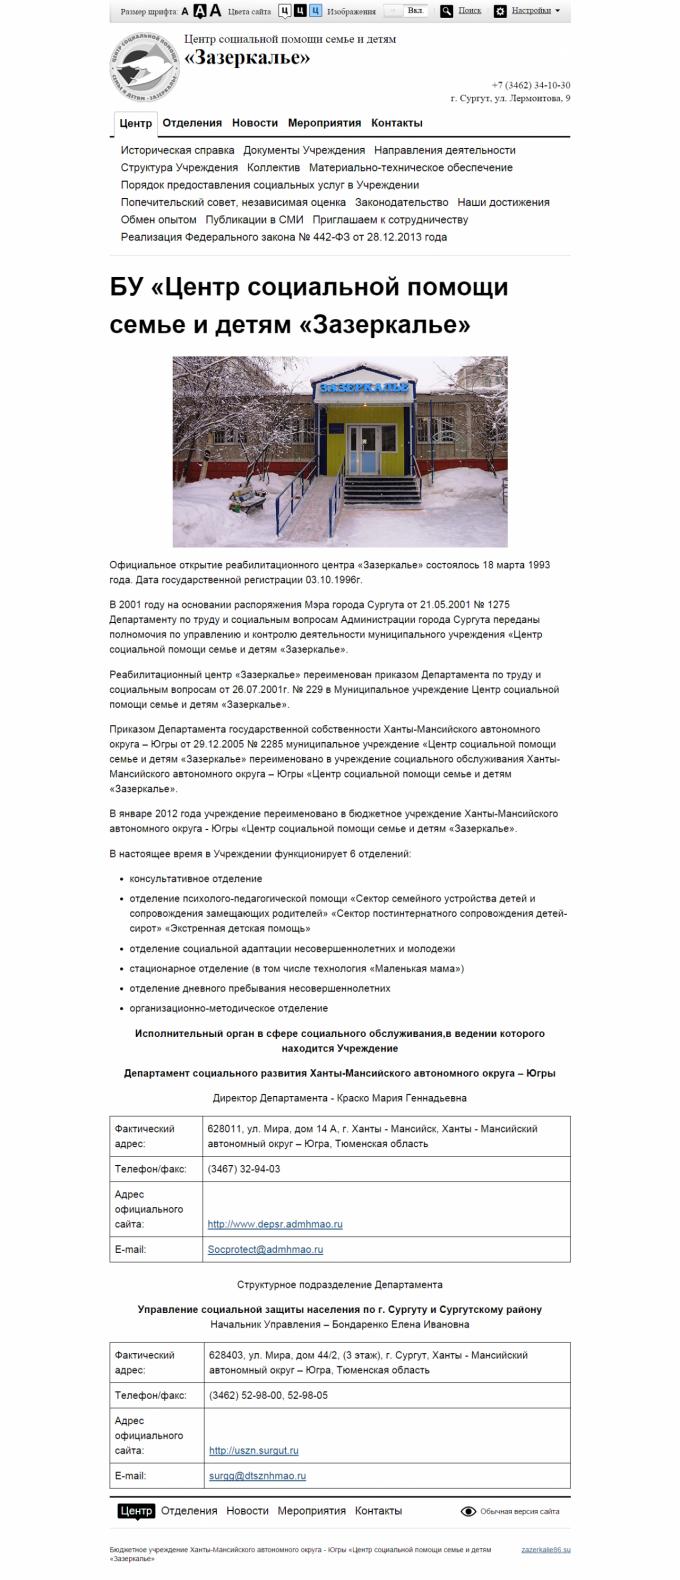 Пример страницы версии для слабовидящих